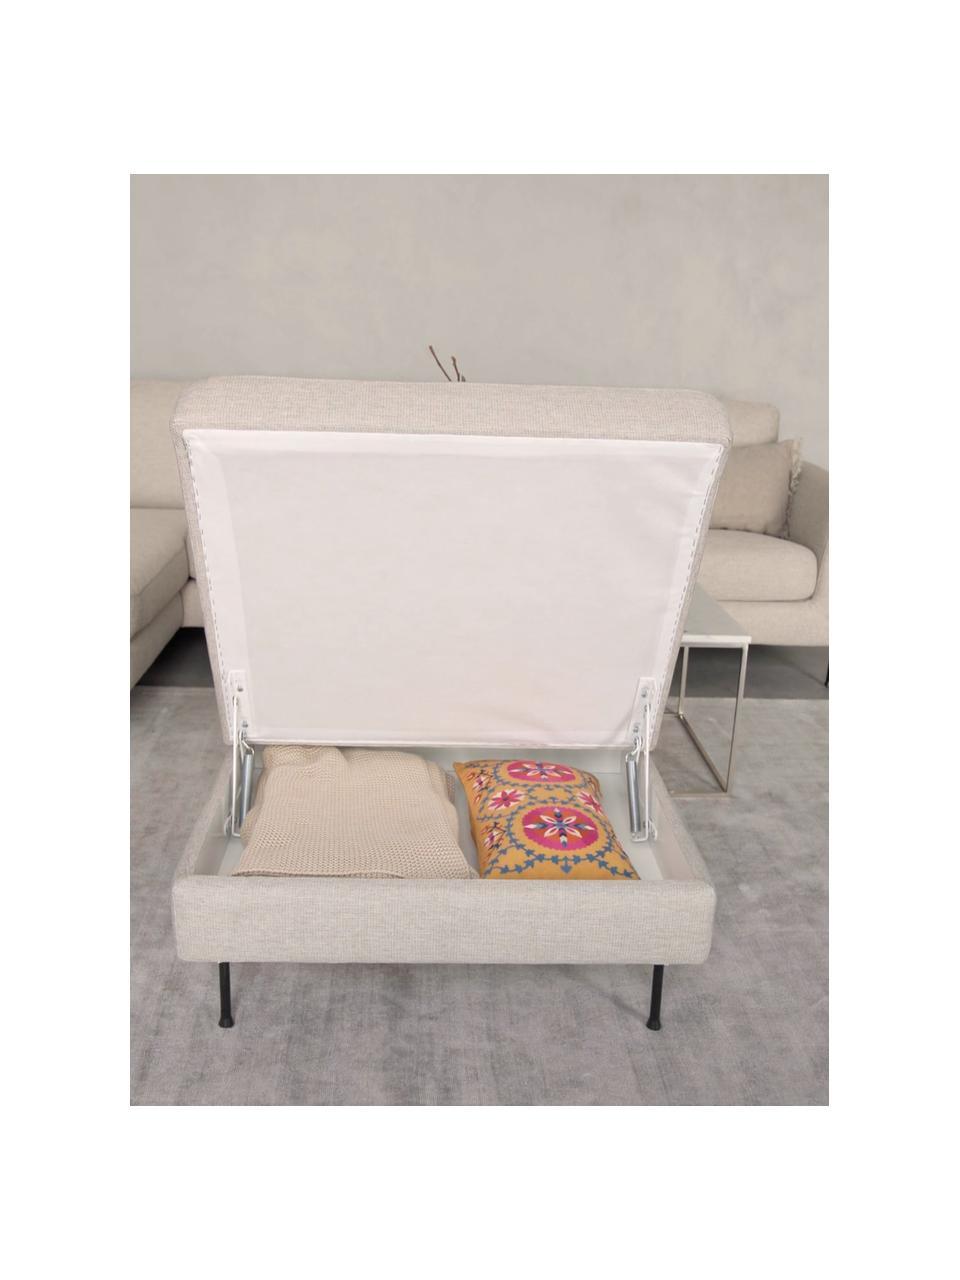 Poggiapiedi contenitore da divano beige Cucita, Rivestimento: tessuto (poliestere) Con , Struttura: legno di pino massiccio, Piedini: metallo laccato, Tessuto beige, Larg. 75 x Alt. 46 cm